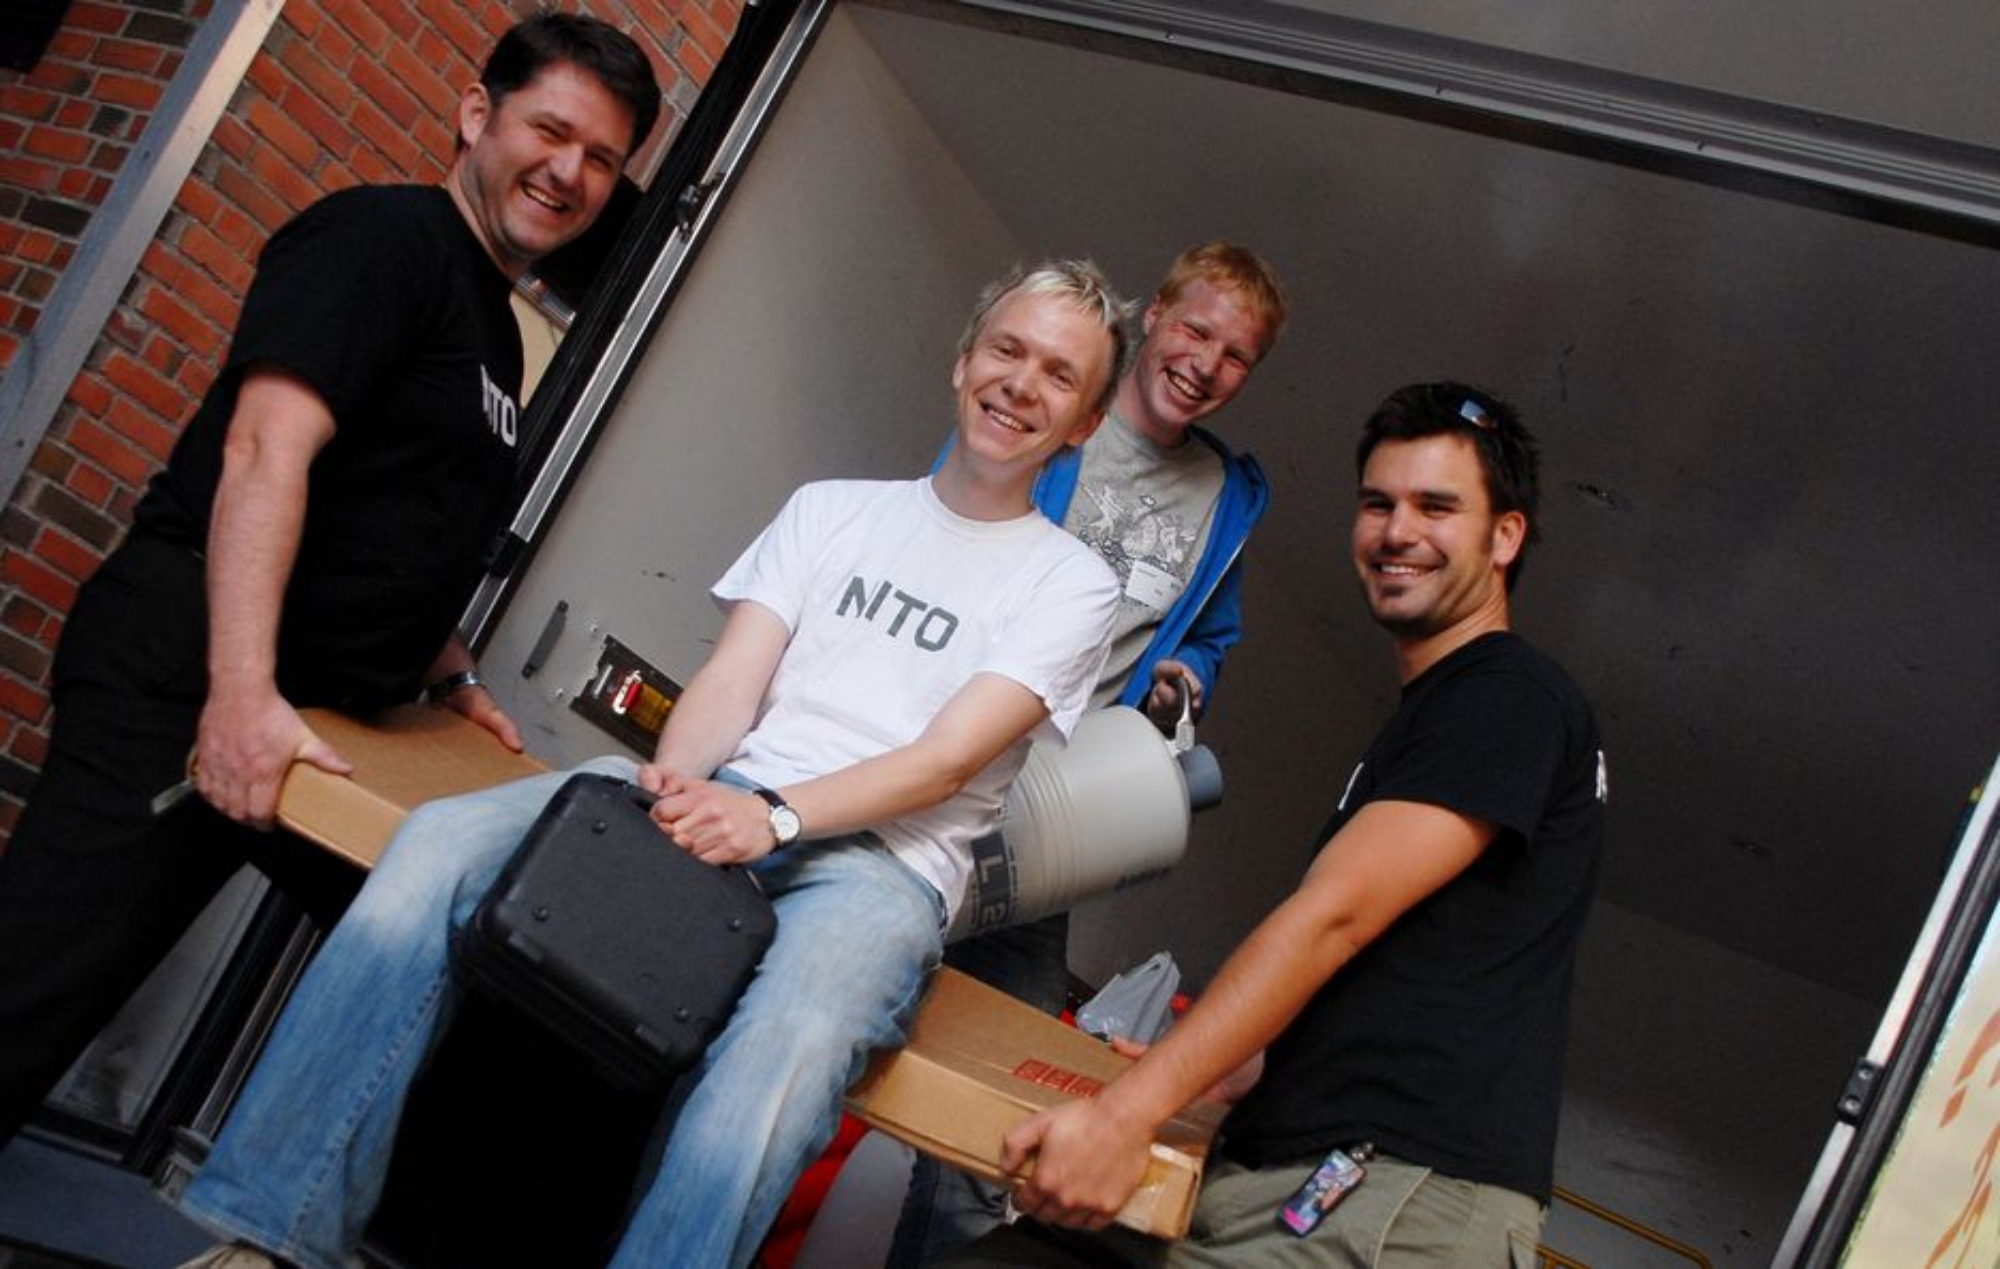 KLARE FOR TURNÉ: Jørn Eilertsen (f.v.), prosjektleder Stig Kleven,  Emmanuel Rygh og Øyvind Kyrkjebø pakker bilen før norgesturneen starter.